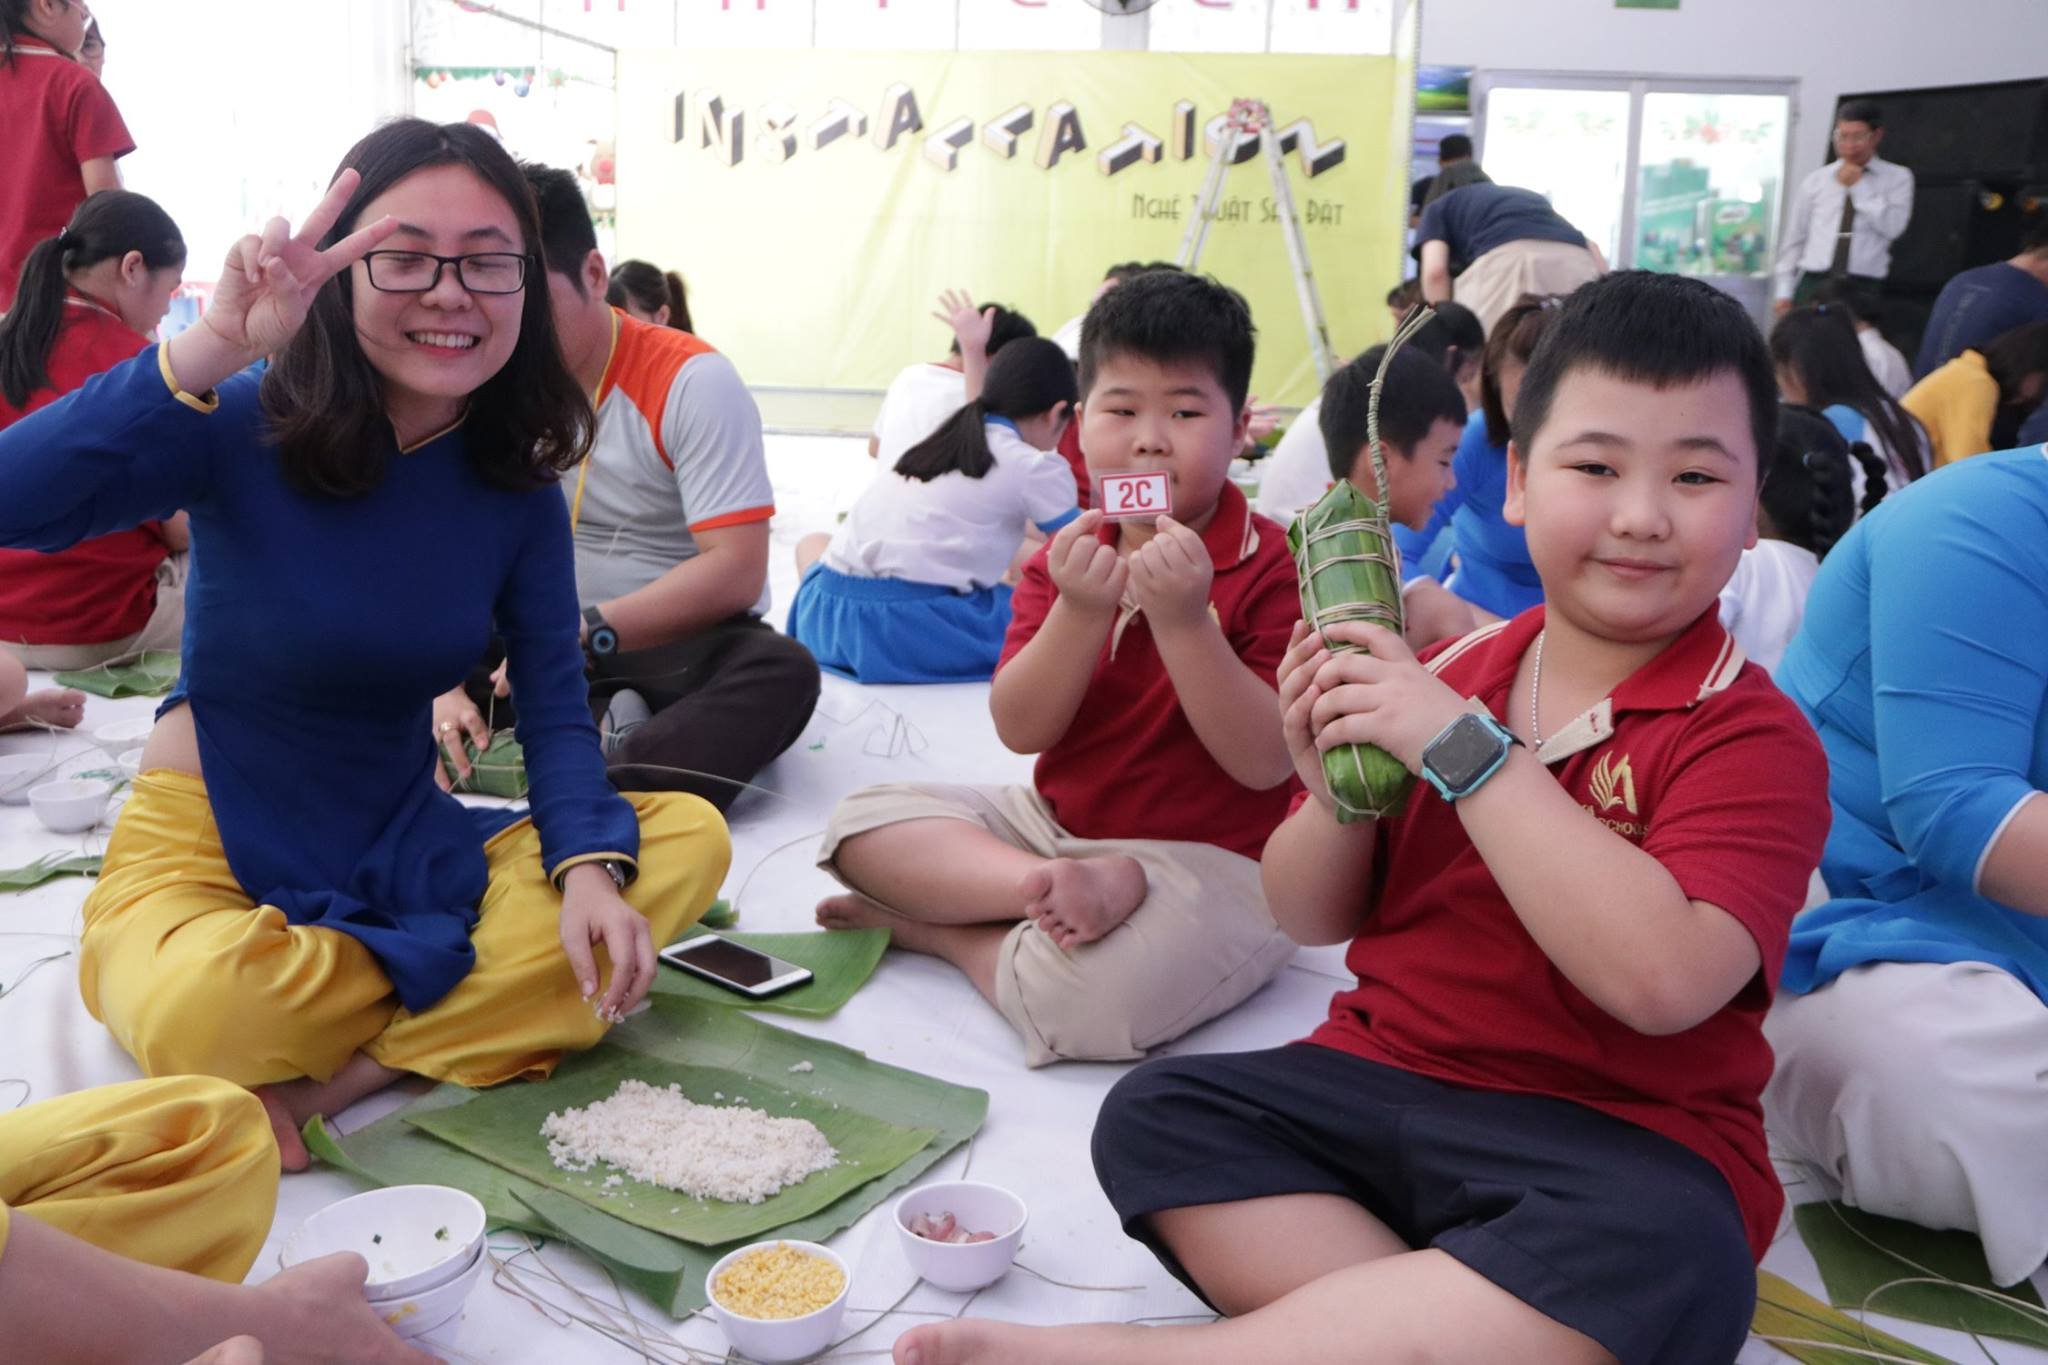 Hệ Thống Trường Việt Mỹ - VAschools - Phường 10